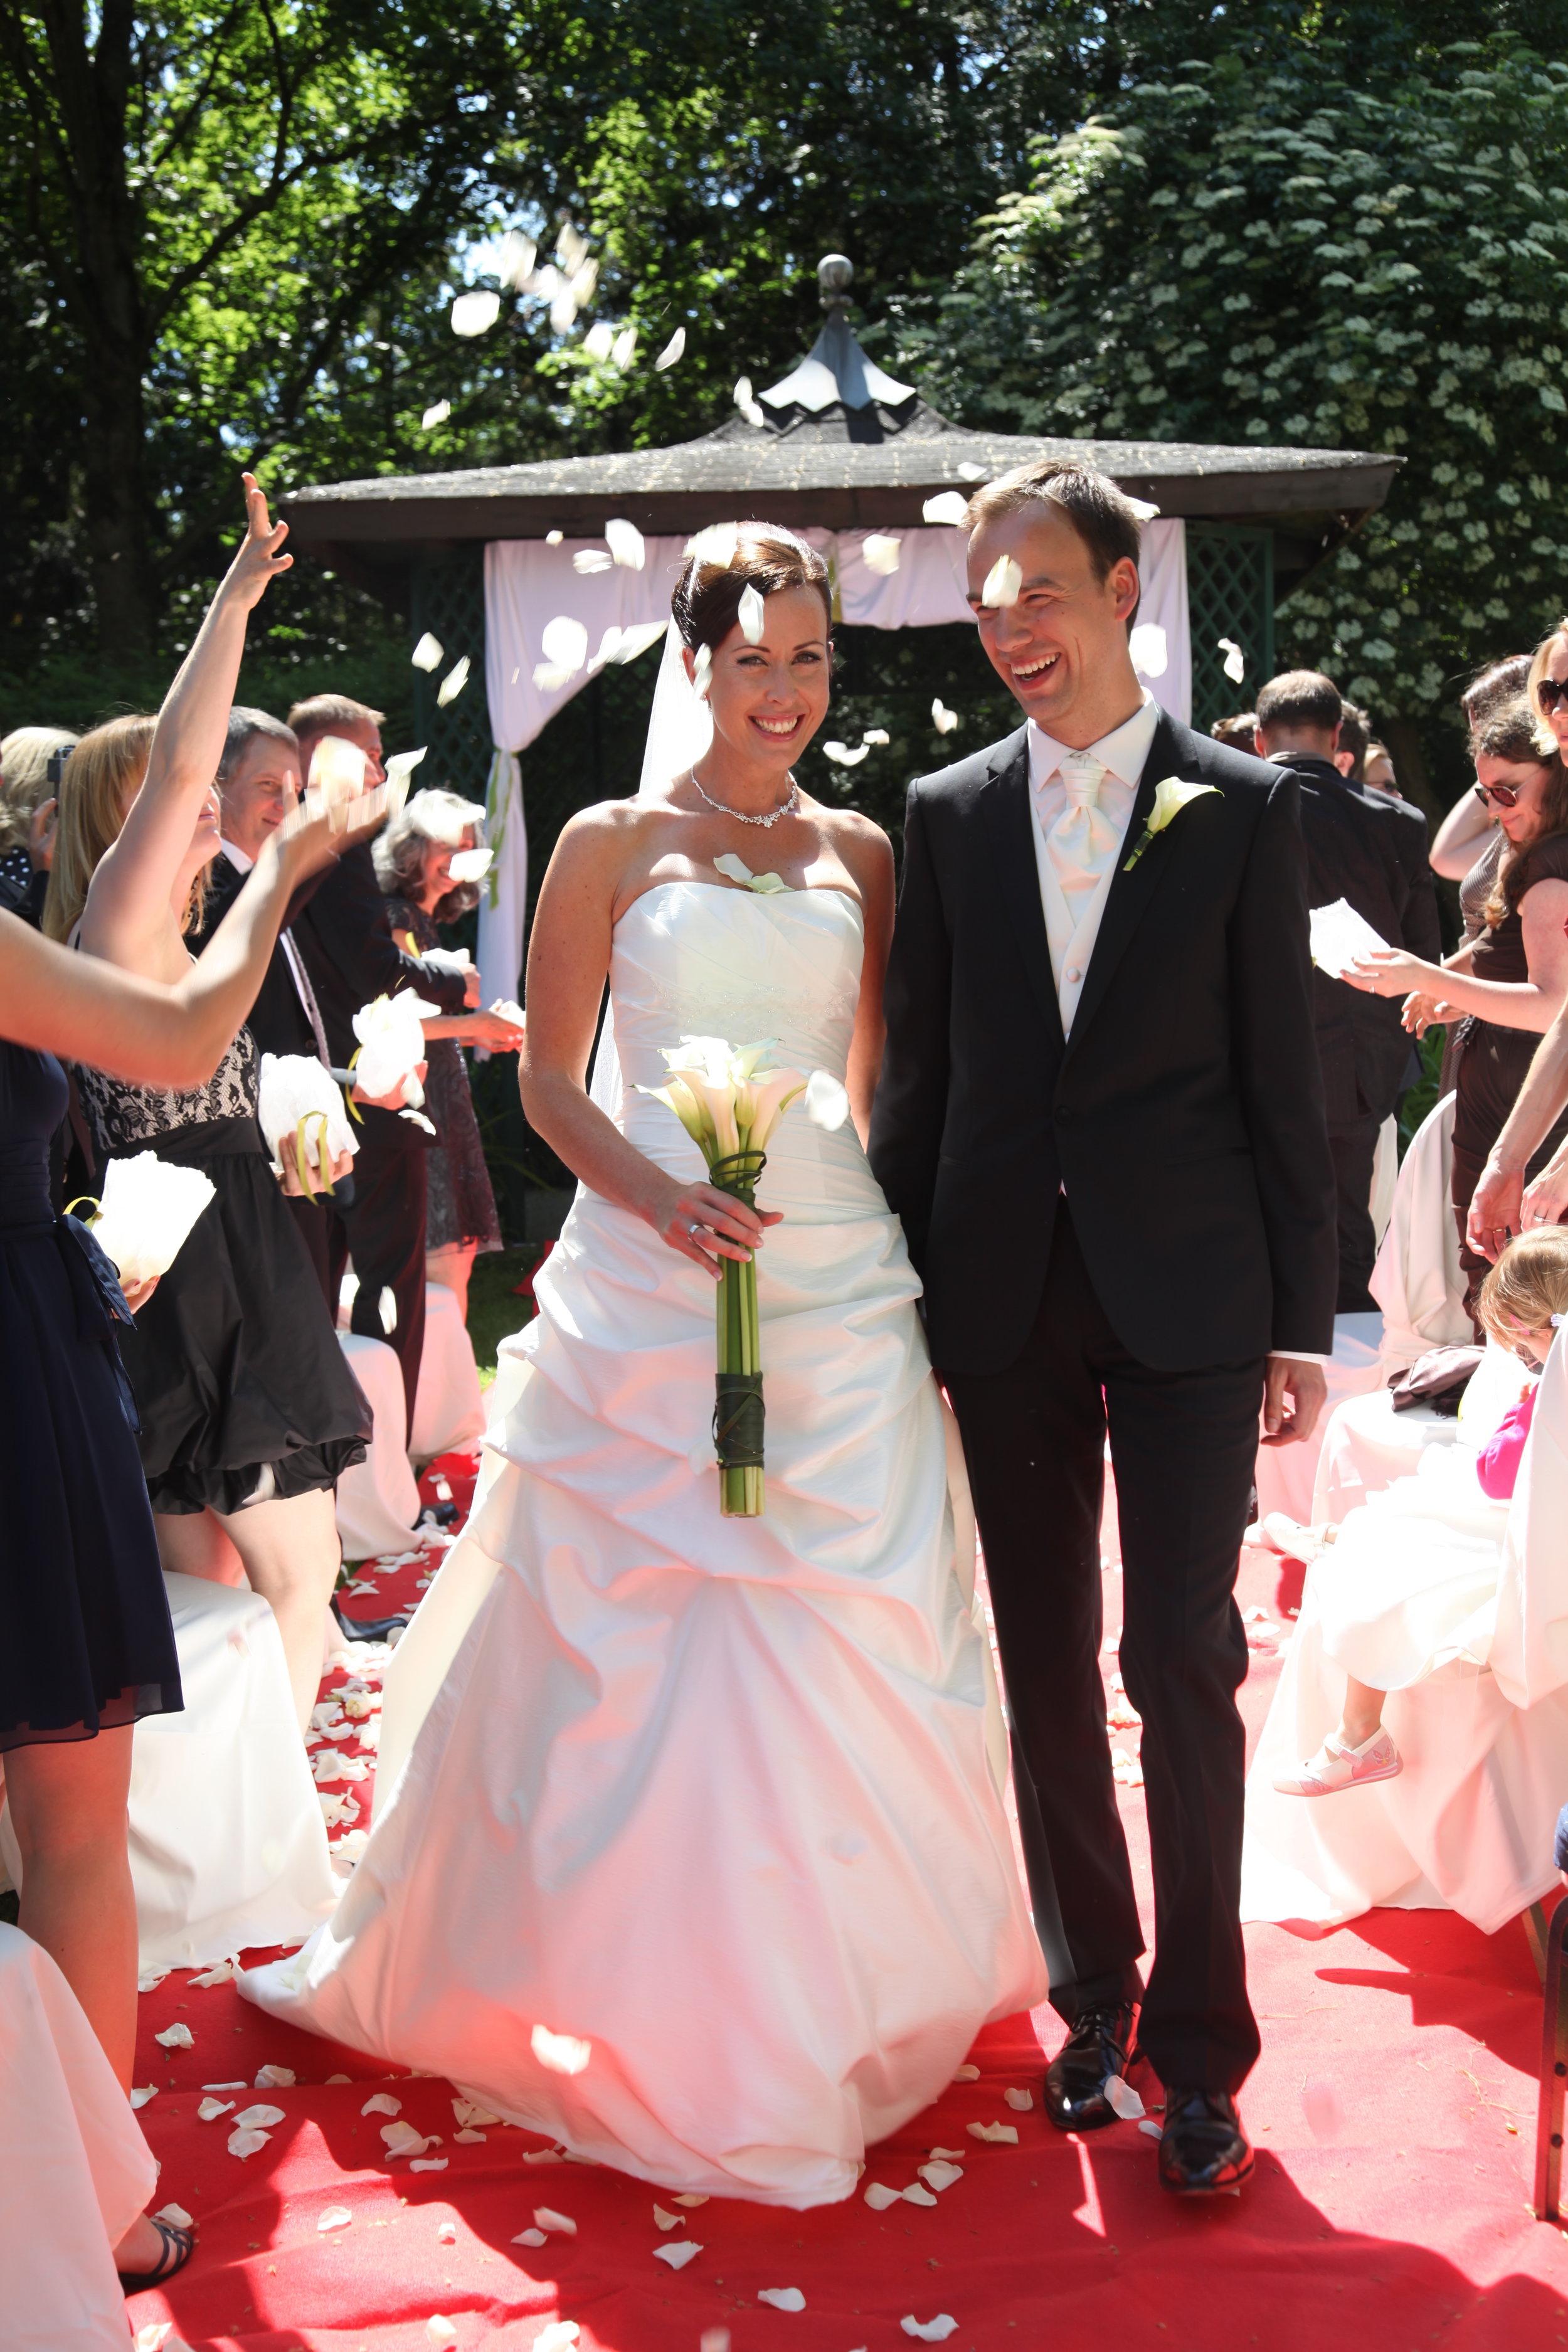 """""""Die schönsten Geschenke macht man sich selbst."""" Eine wunderschöne Liebeserklärung. Ein Heiratsantrag. Der Beginn eines Weges zu zweit.  Freie Trauung Vera und Tobias im """"Kronenschlösschen"""" in Eltville, Rheingau."""